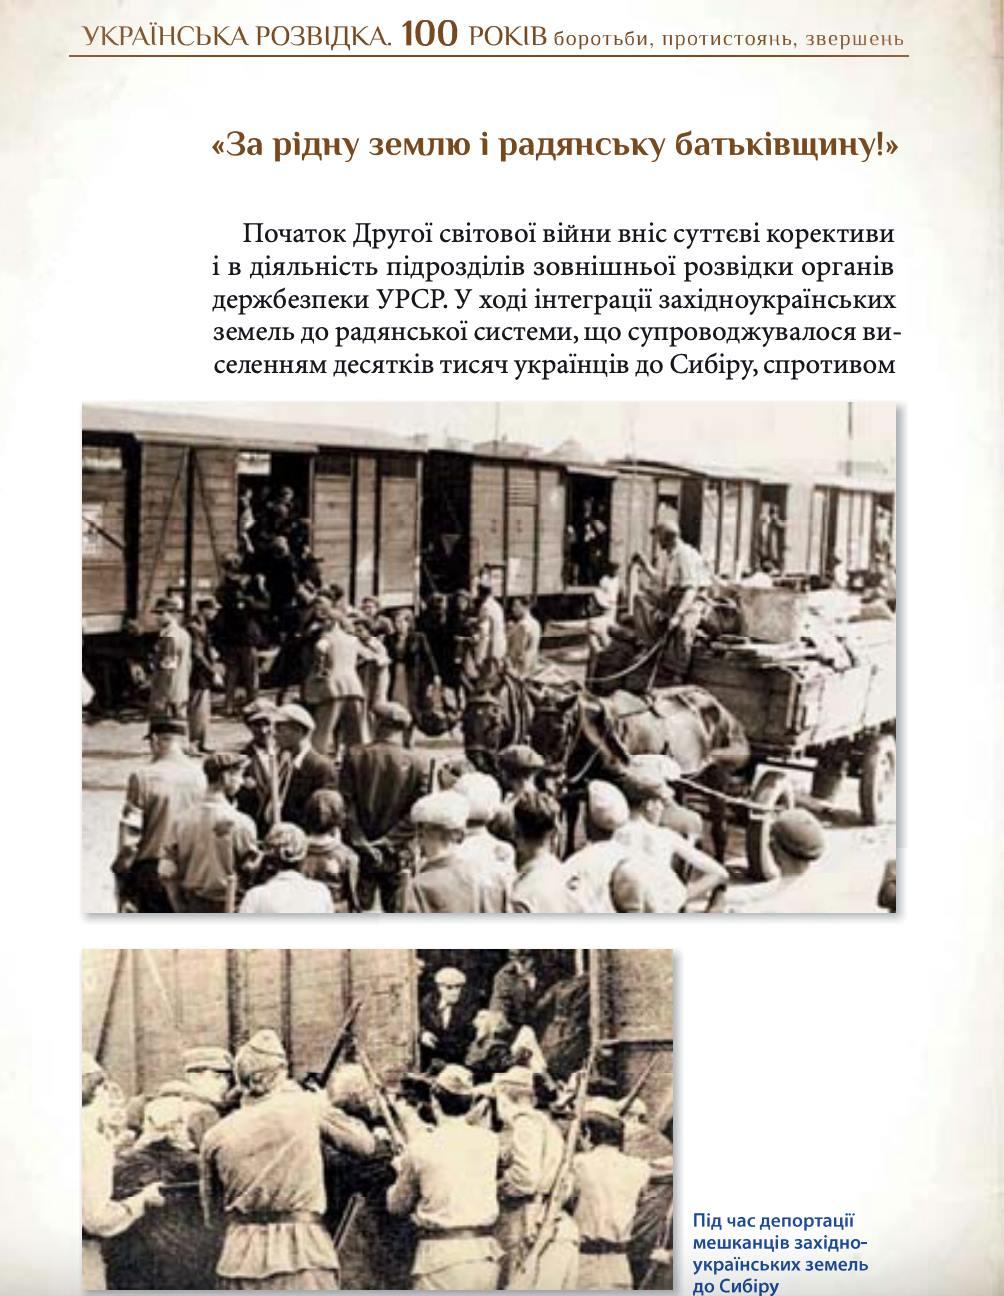 Страница из книги «Украинская разведка. 100 лет борьбы».